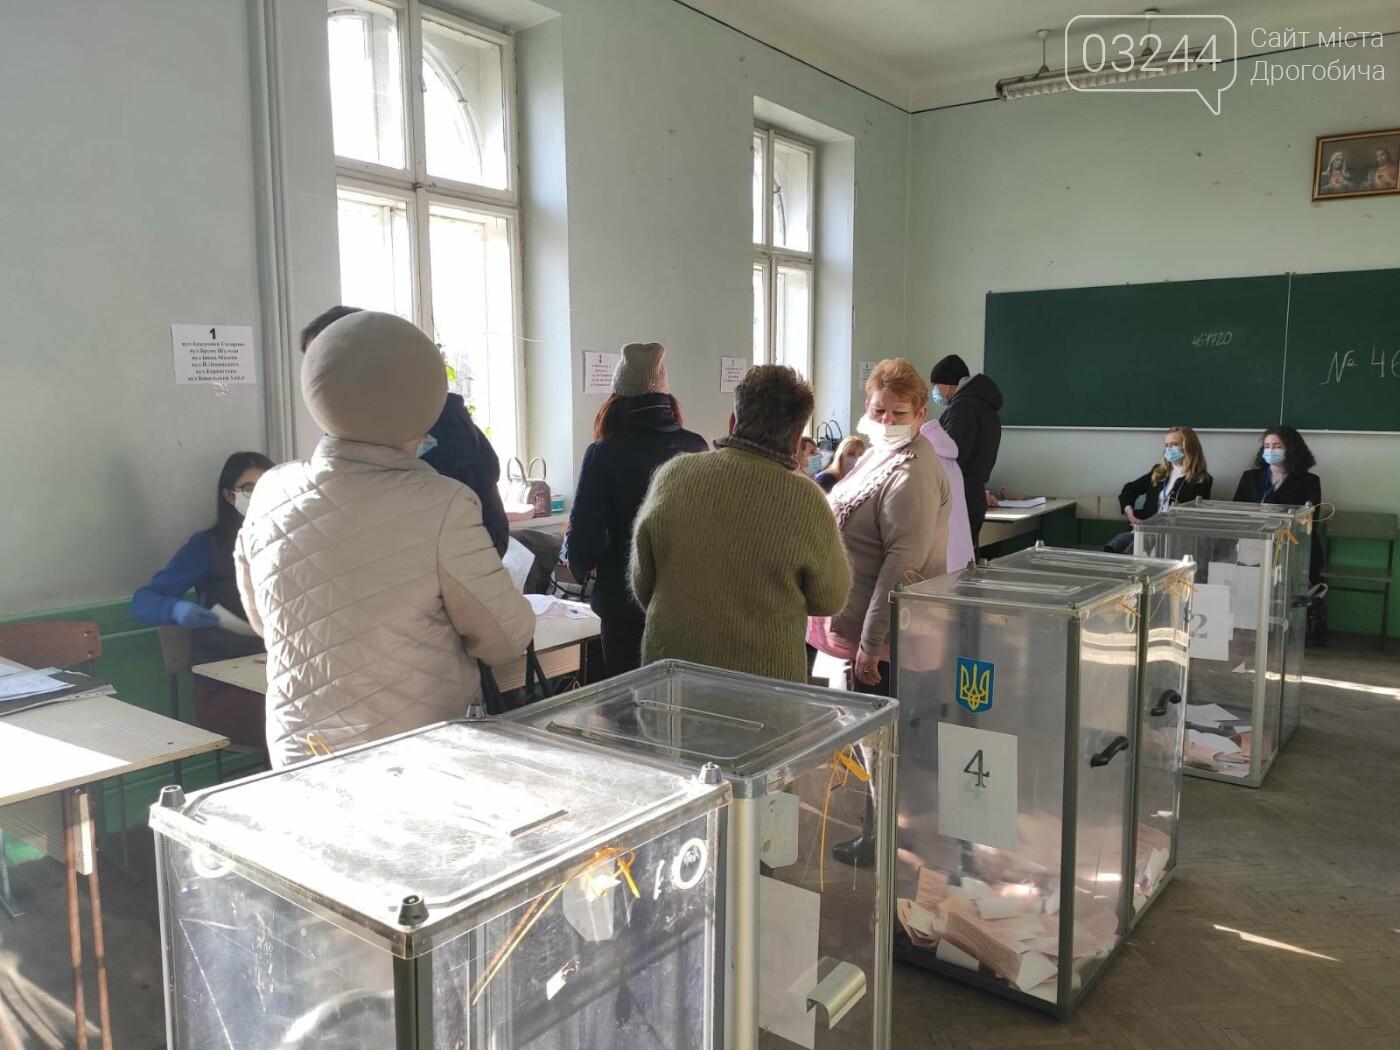 Соціологічна група «Рейтинг» вдруге у Дрогобичі проводить екзит-пол на виборах, - ФОТО, фото-12